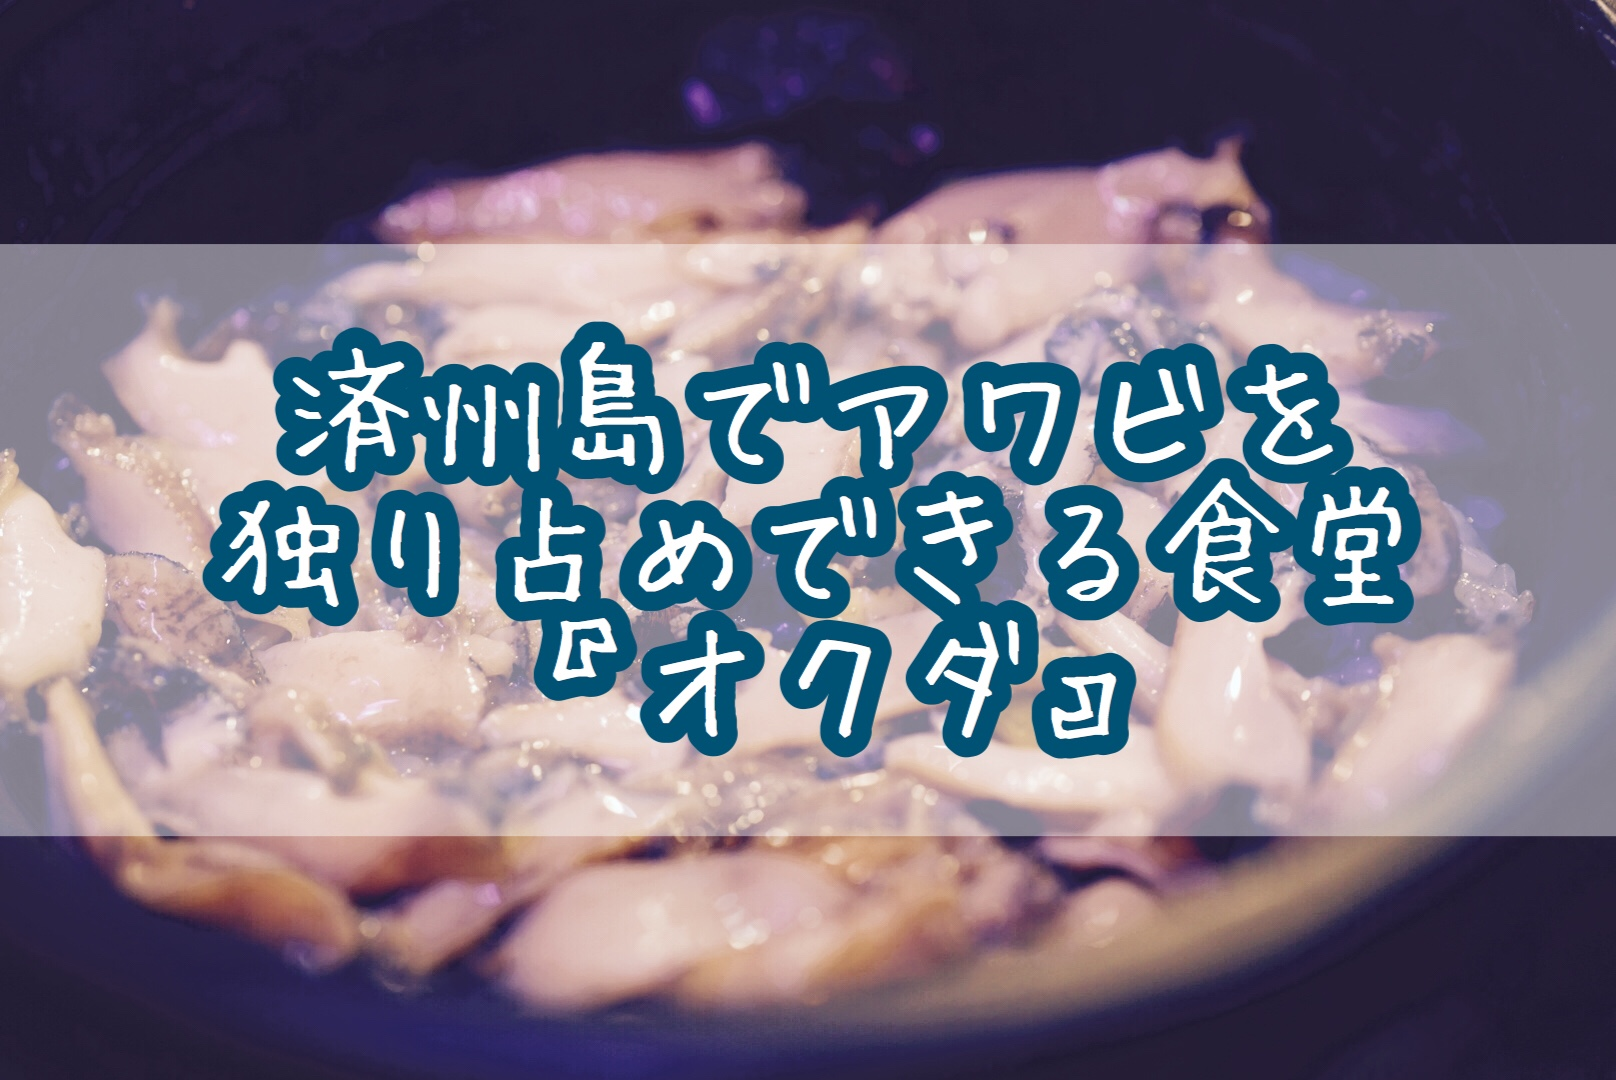 チェジュでアワビを食べるなら「オクダ」